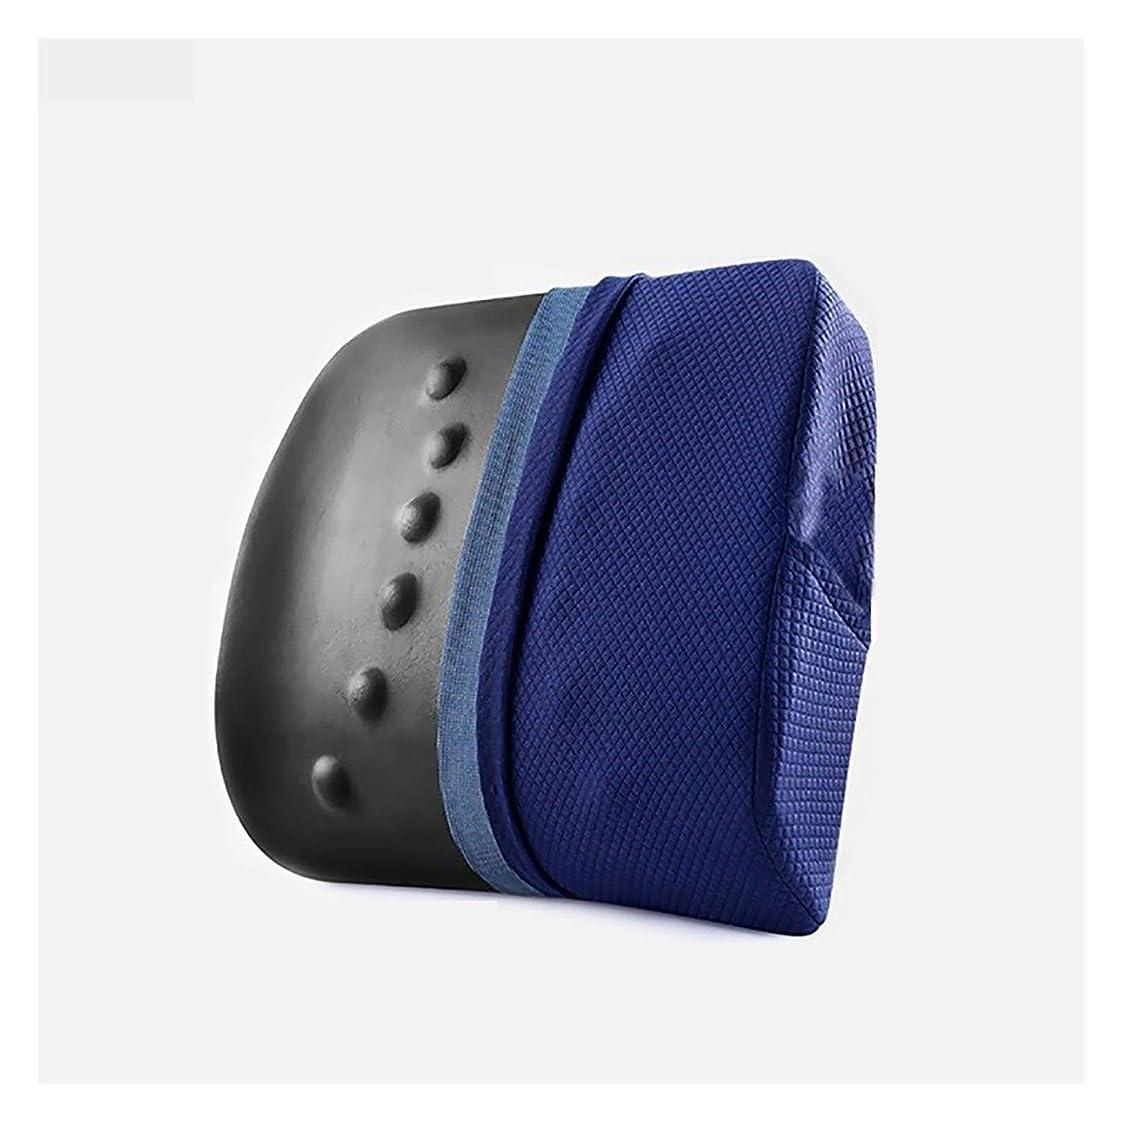 ベスト一節精査YLIAN 腰椎枕 バッククッションシートチェアバックサポートクッション120 D高密度竹炭メモリーコットン、車のホームオフィスチェア、エルゴノミクス整形外科デザイン (Color : Navy blue)